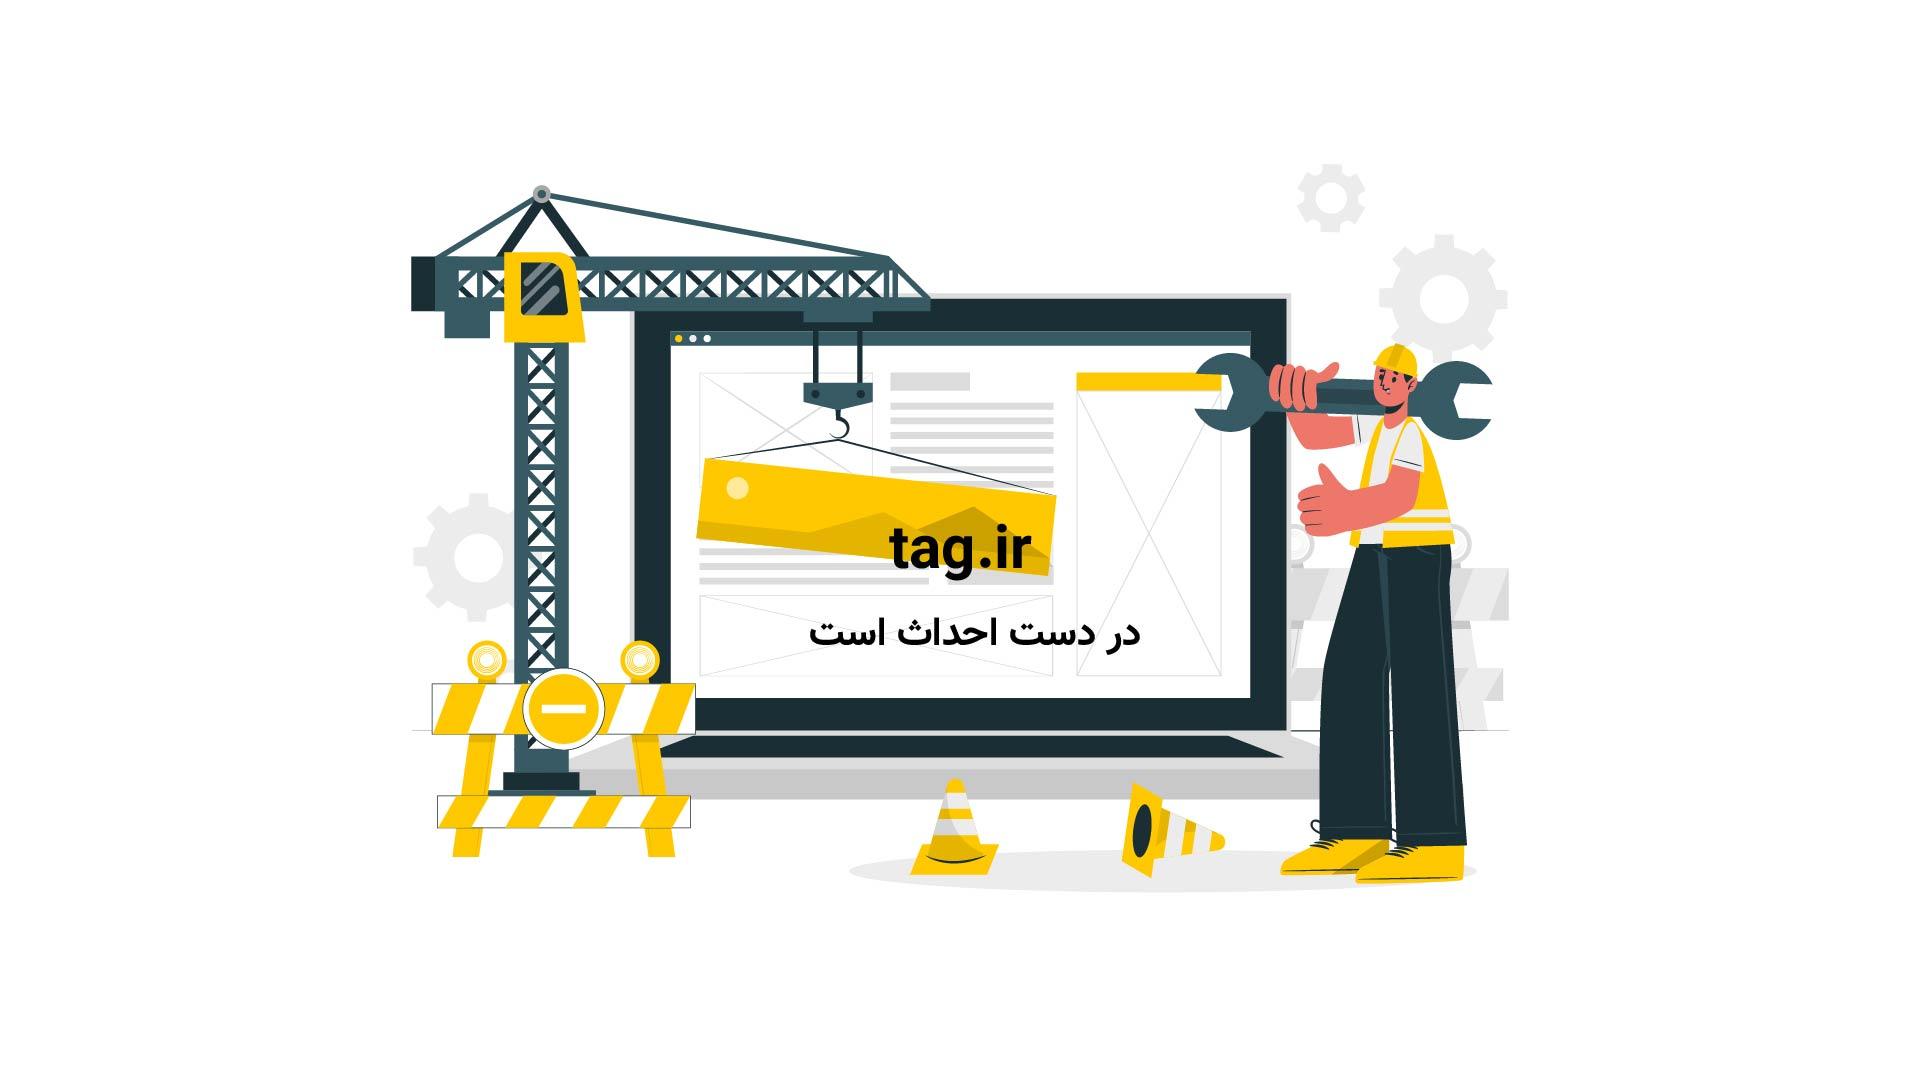 تشییع پیکر دو شهید گمنام در امامزاده سیده ملک خاتون(س) | فیلم